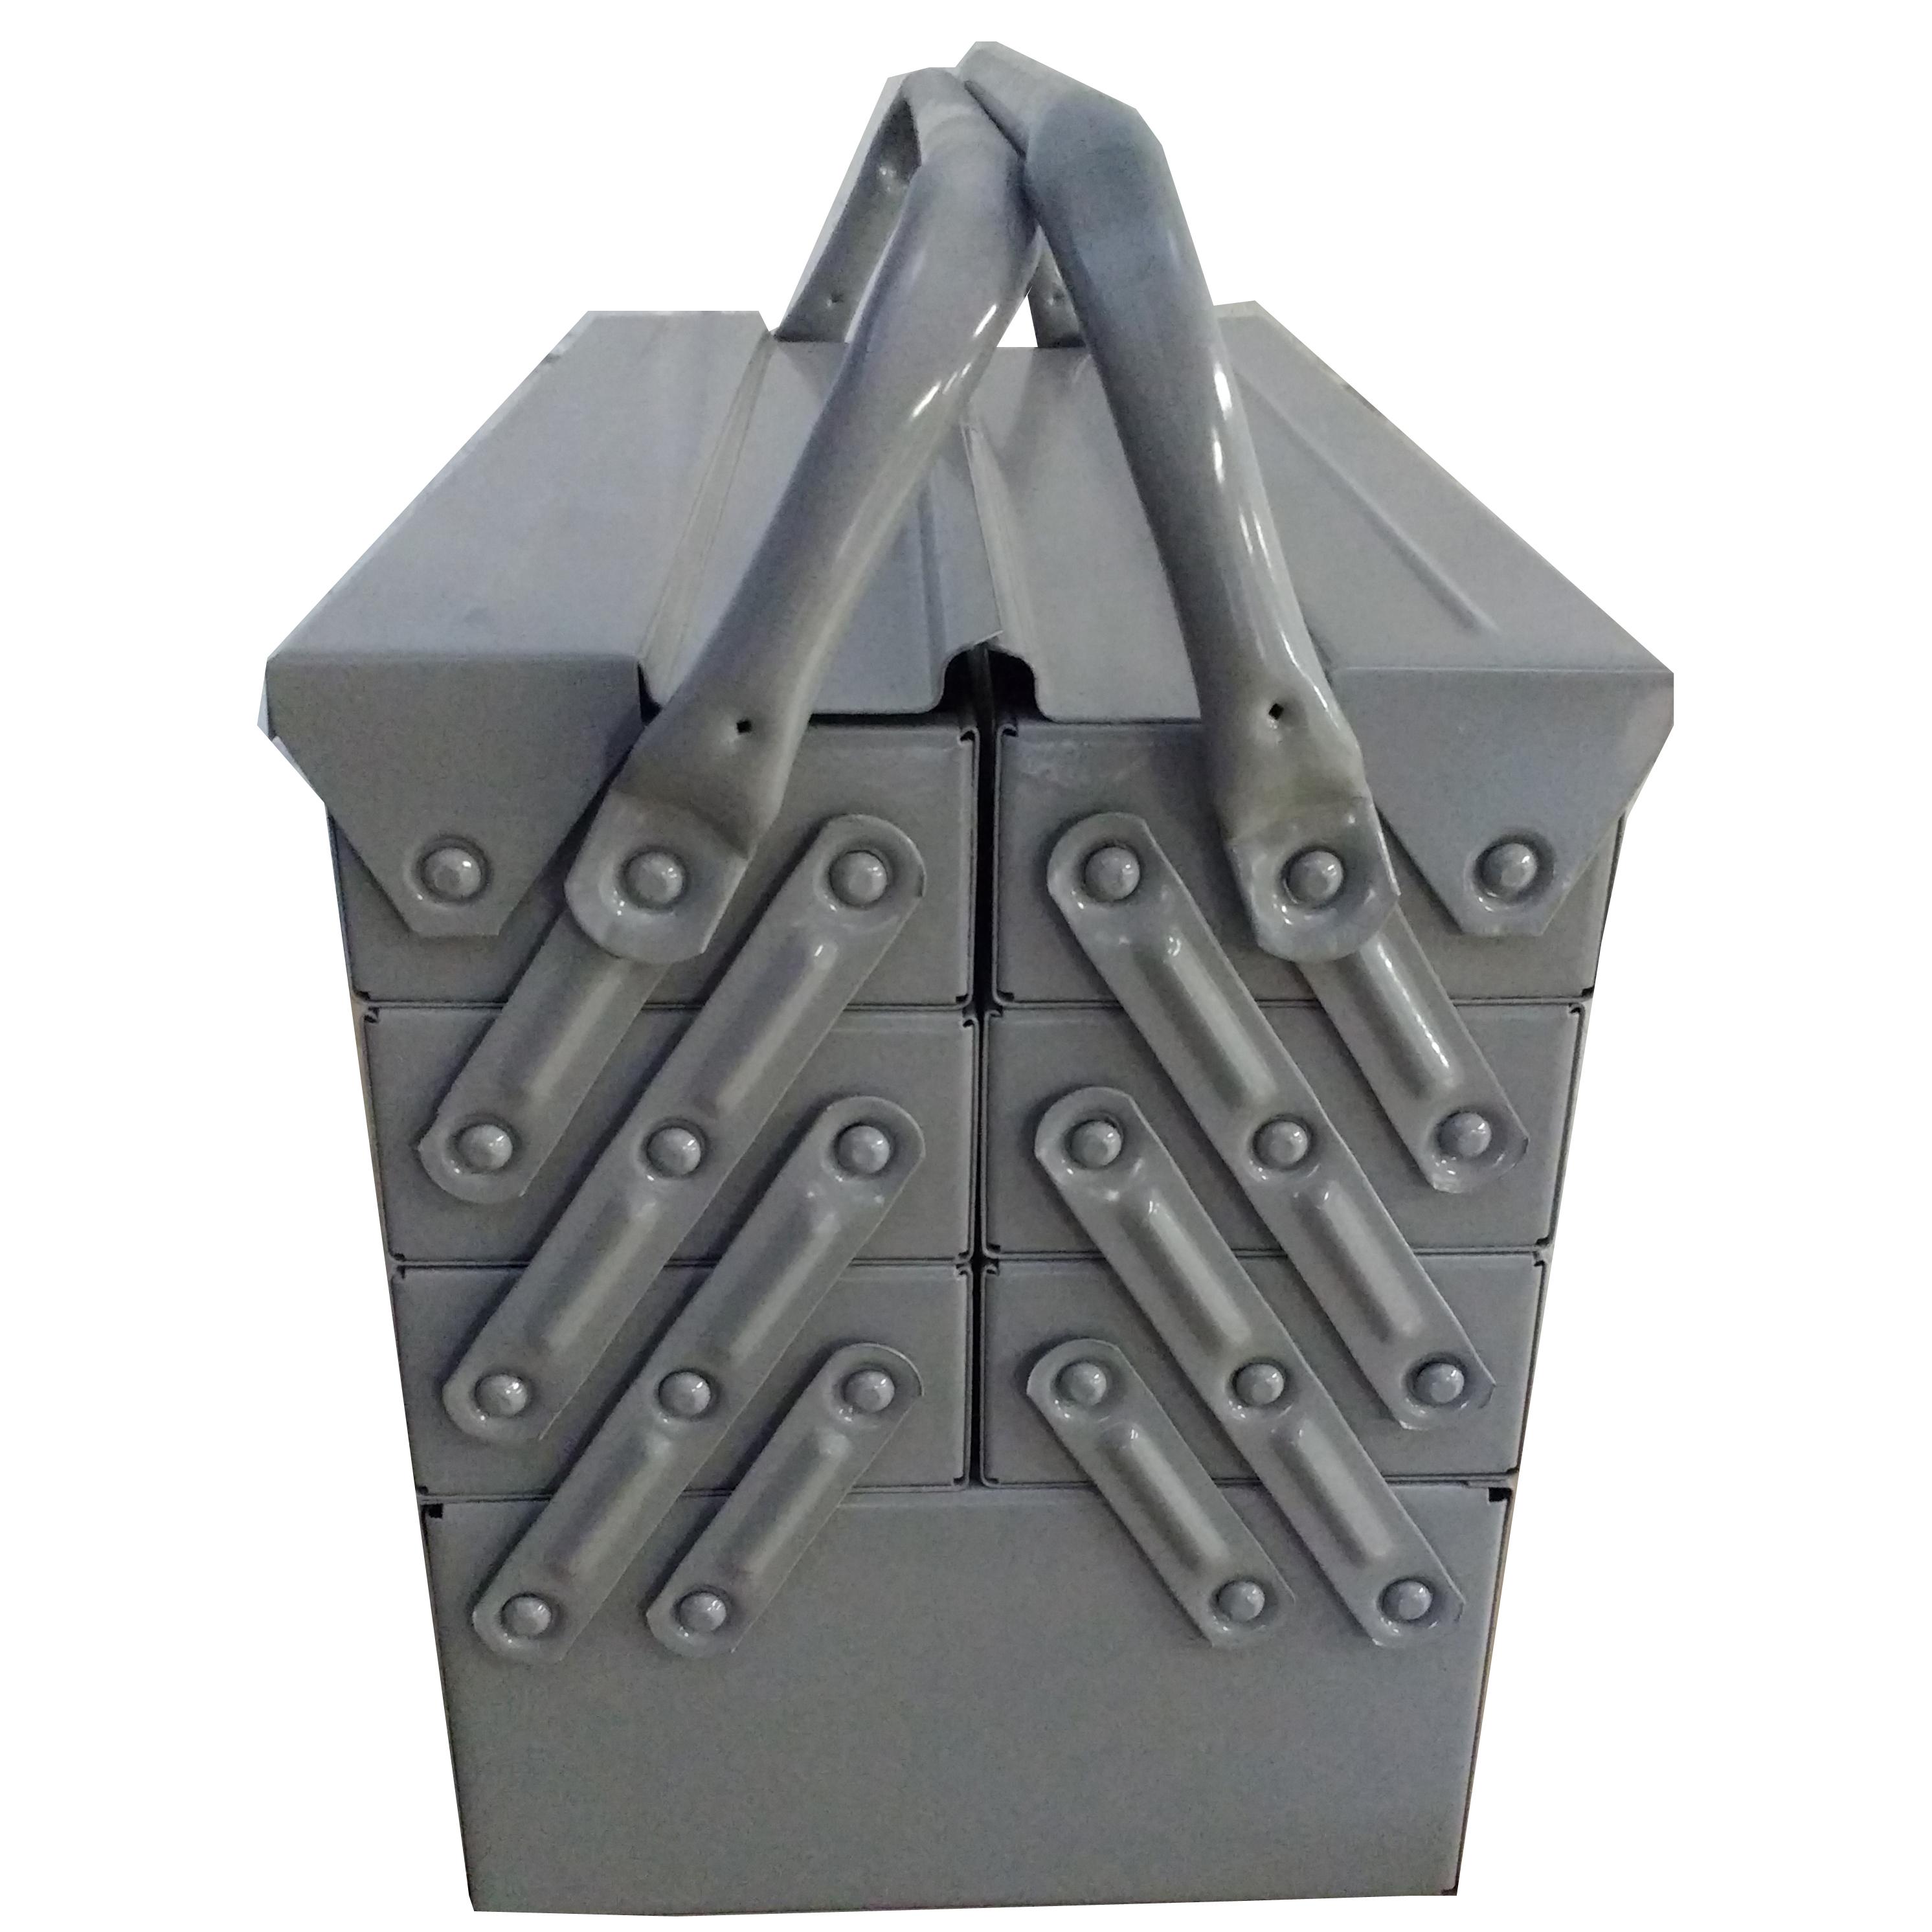 Caixa Ferramentas Sanfonada 7 Gavetas 50 cm Cabo Movel Reforçada